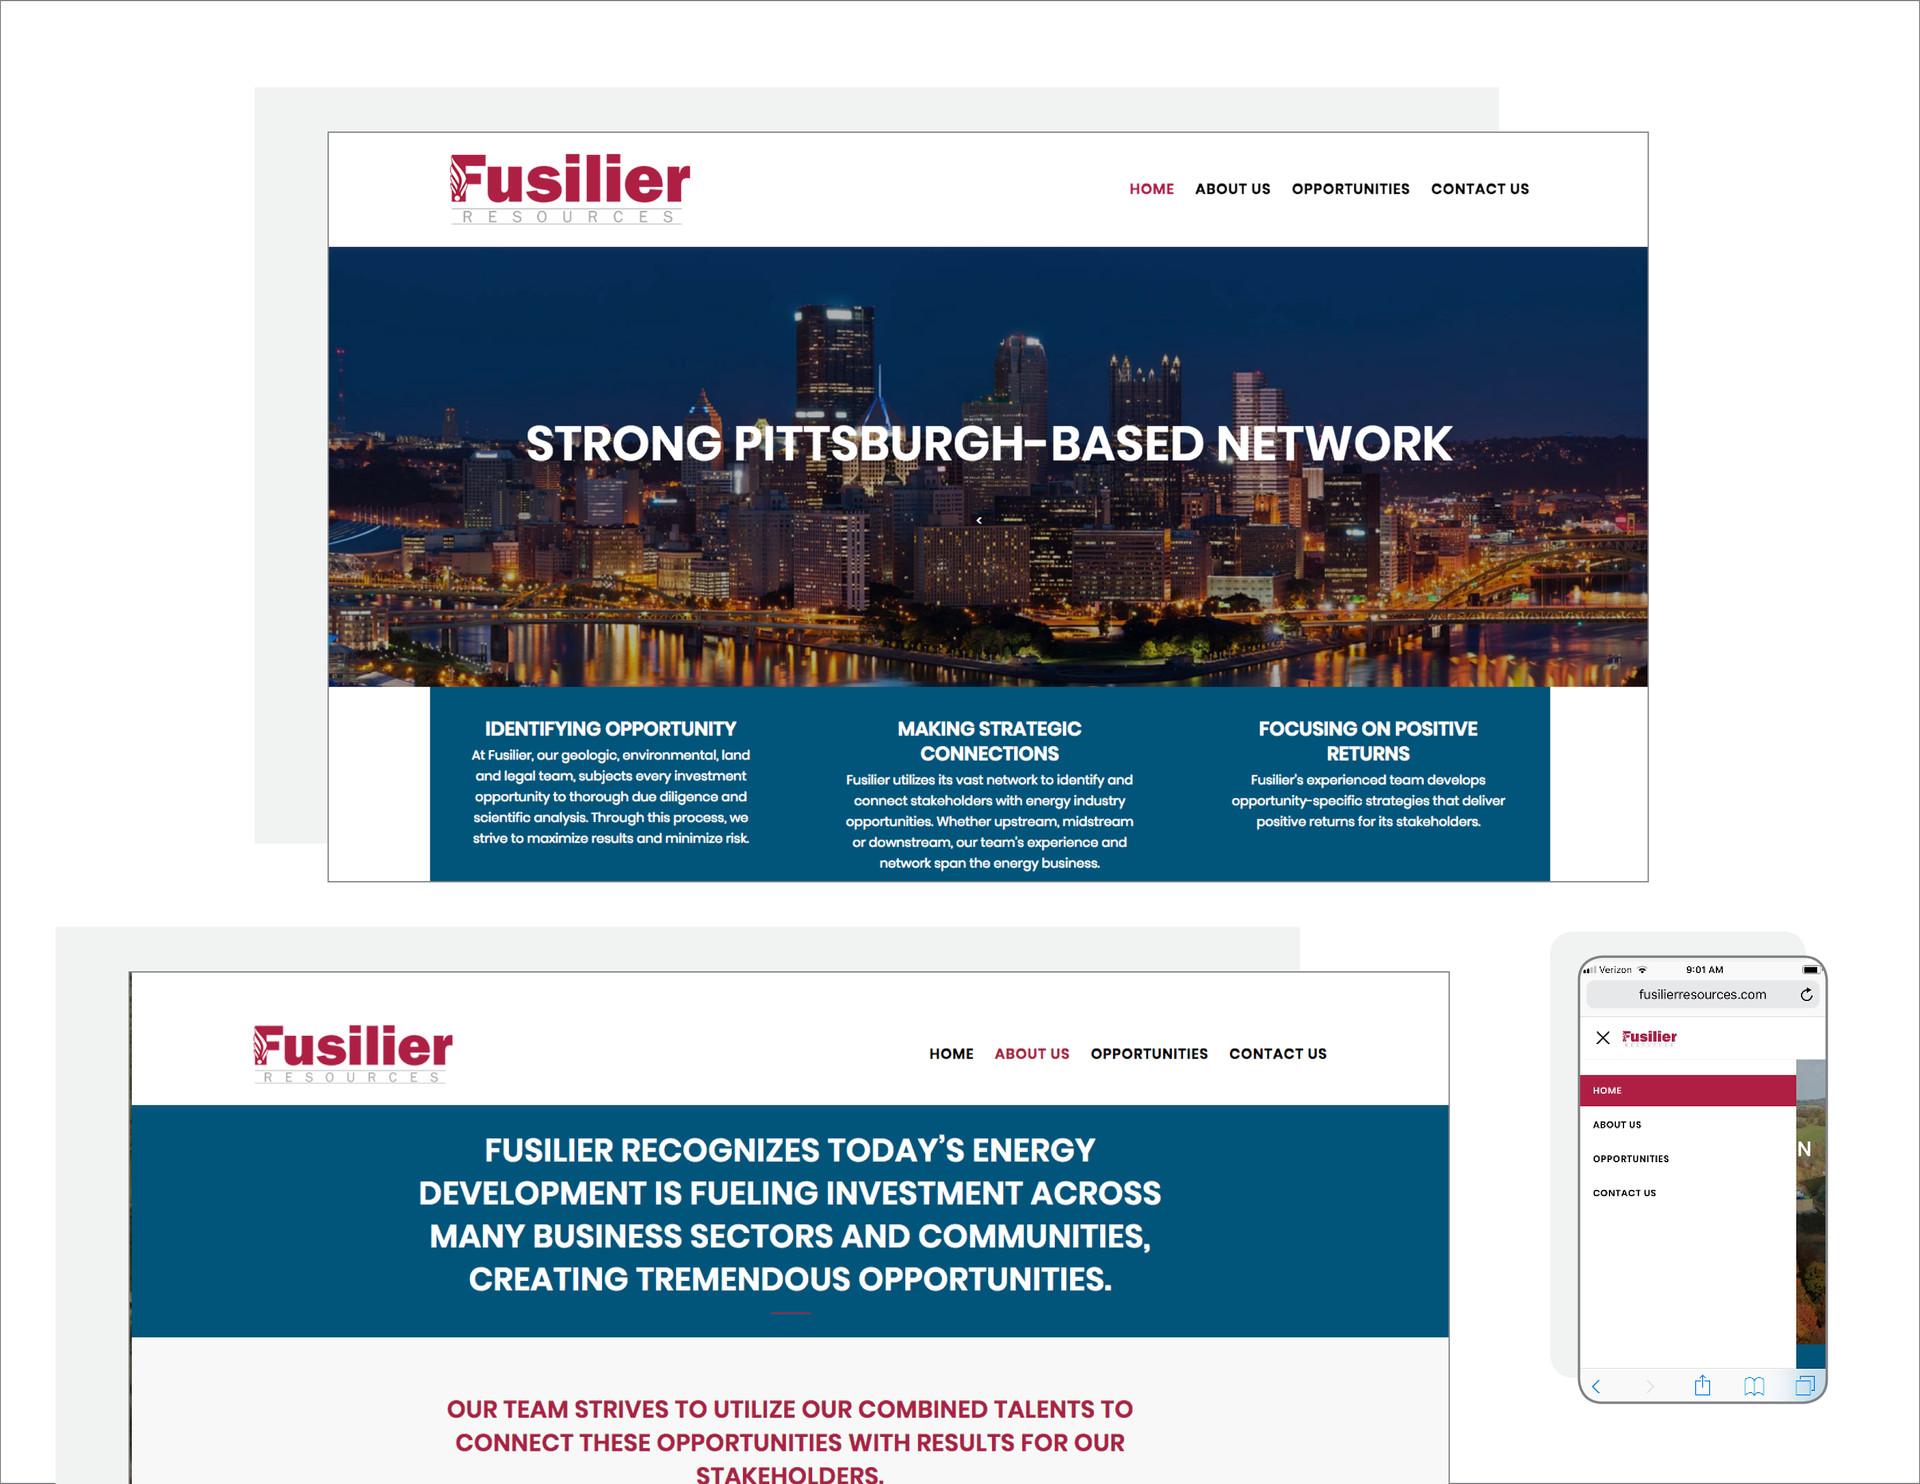 Fusilier design3.jpg